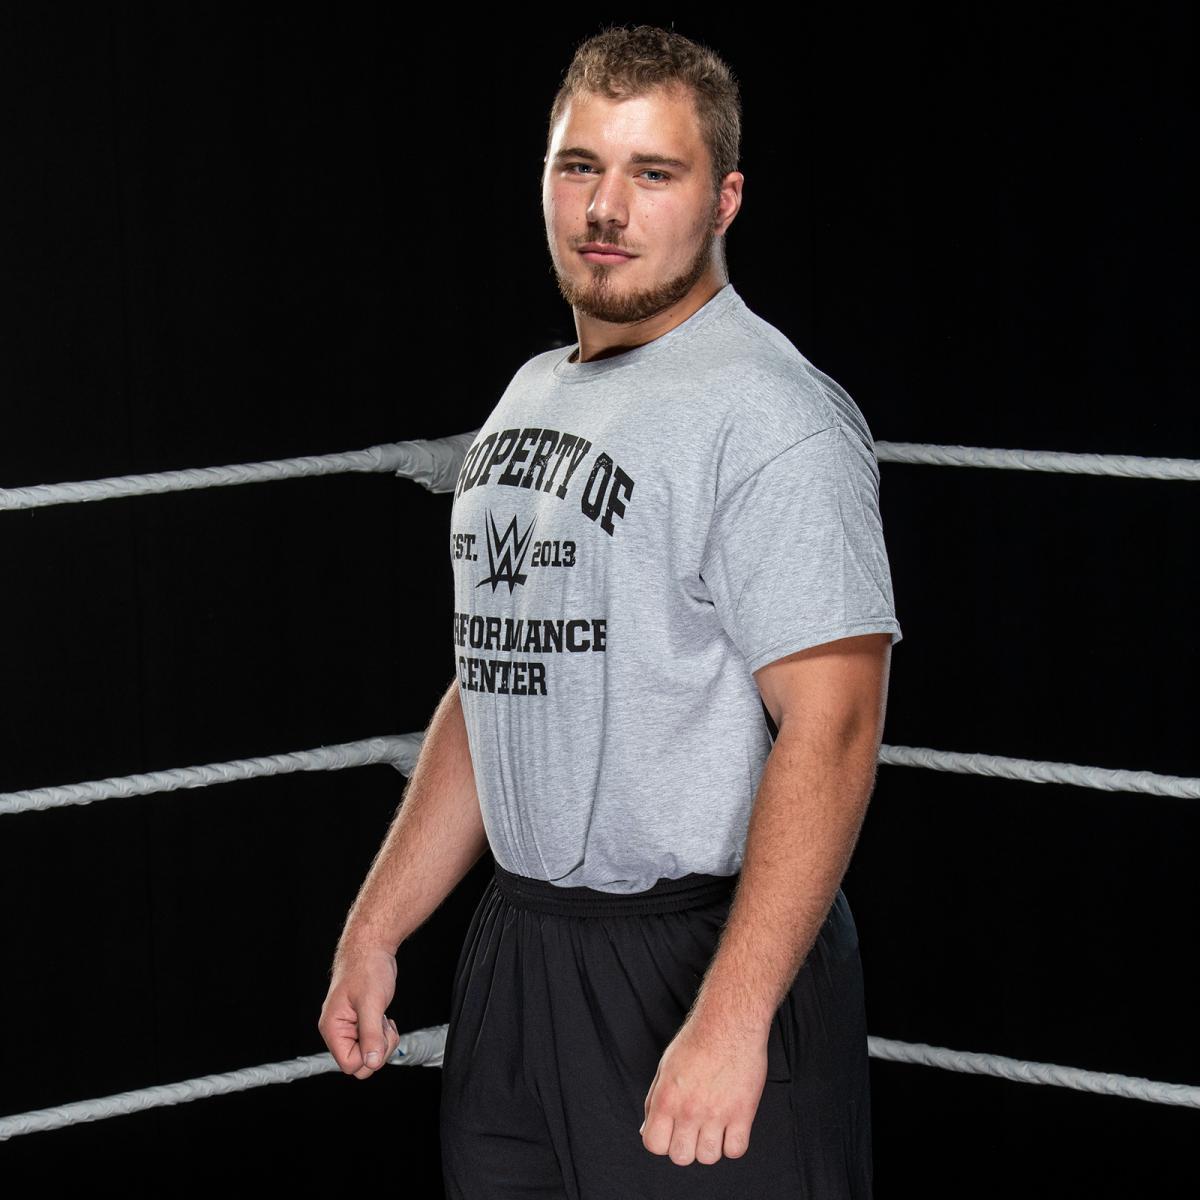 Ben Buchanan Son Of Bull Buchanan WWE NXT Performance Center